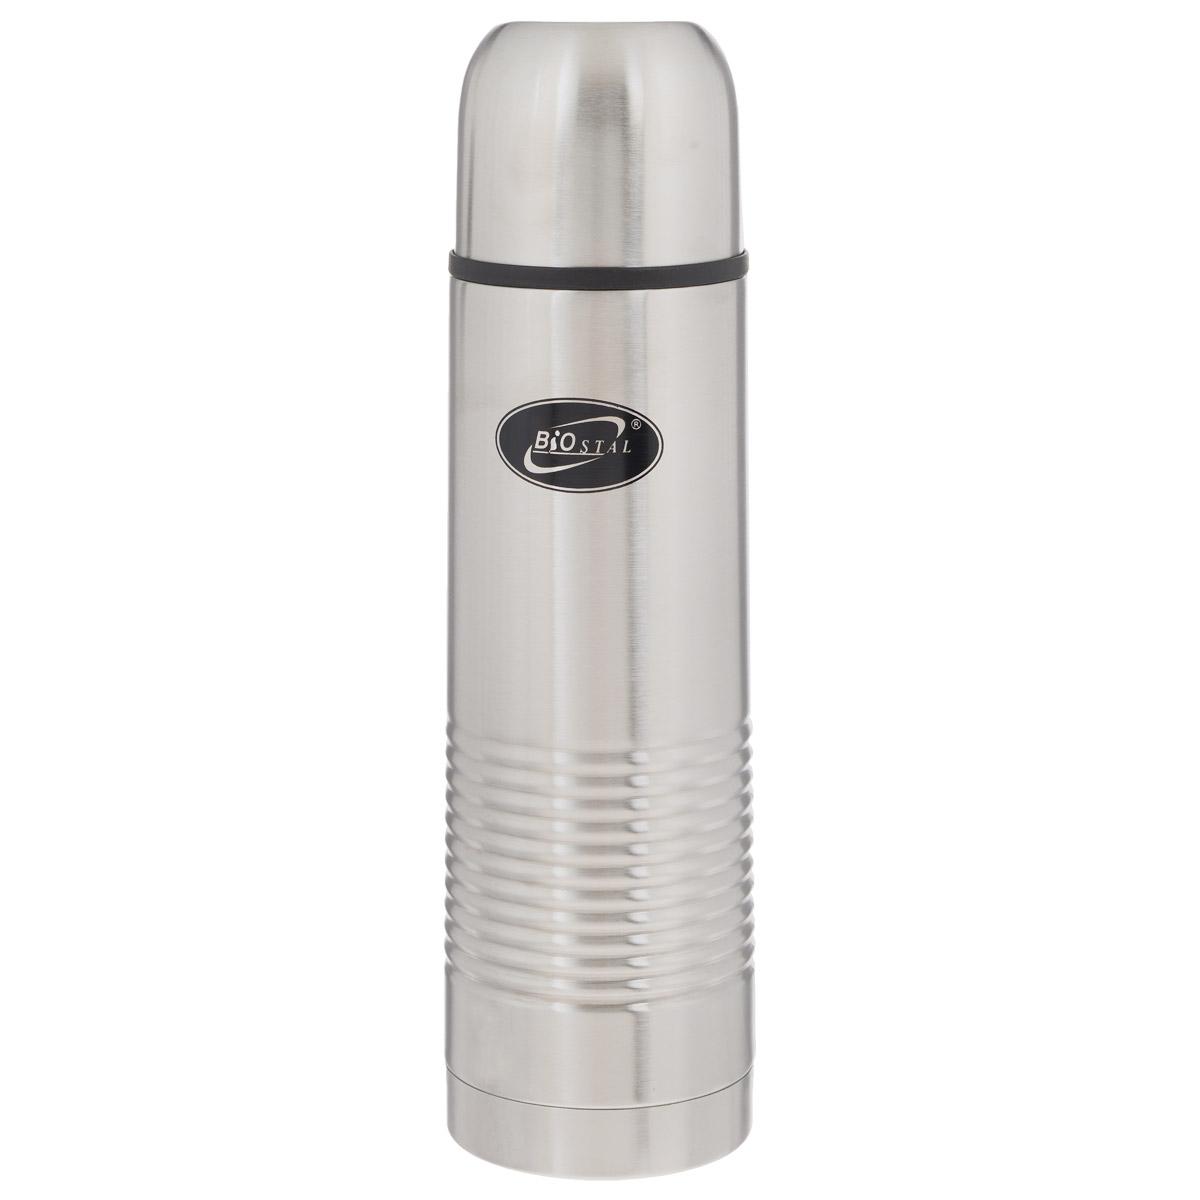 Термос BIOSTAL, в чехле, 1 л. NB-1000-BTK 0049Термос с узким горлом BIOSTAL, изготовленный из высококачественной нержавеющей стали, относится к классической серии. Термосы этой серии, являющейся лидером продаж, просты в использовании, экономичны и многофункциональны. Термос предназначен для хранения горячих и холодных напитков (чая, кофе) и укомплектован пробкой с кнопкой. Такая пробка удобна в использовании и позволяет, не отвинчивая ее, наливать напитки после простого нажатия. Изделие также оснащено крышкой-чашкой и текстильным чехлом для хранения и переноски термоса. Легкий и прочный термос BIOSTAL сохранит ваши напитки горячими или холодными надолго.